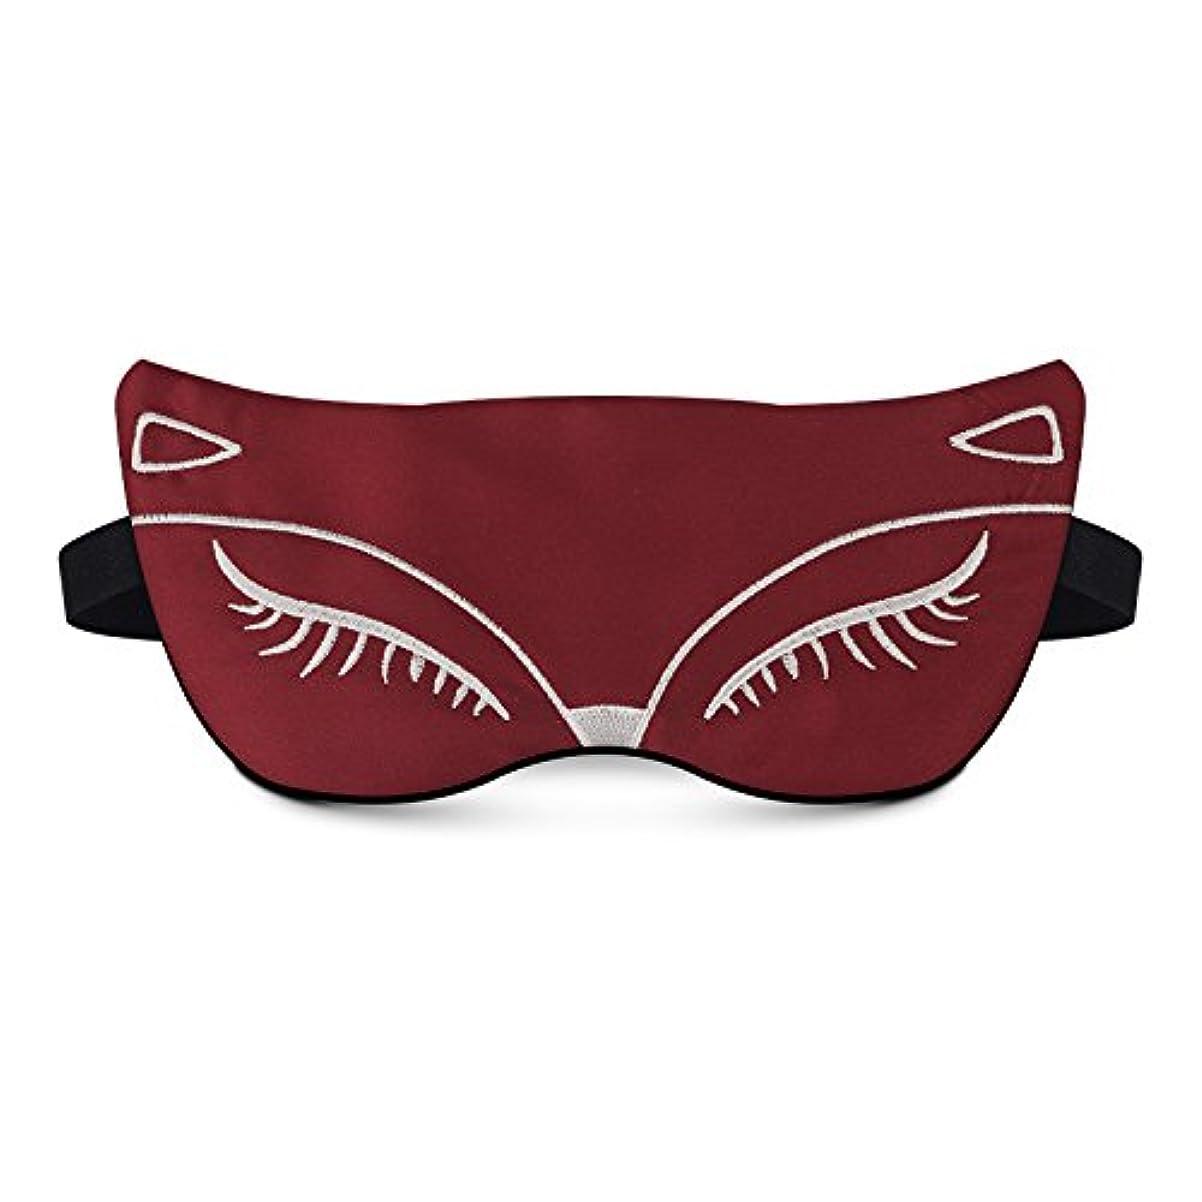 盲目ハンサムナプキンNOTE 睡眠マスク100%桑シルク睡眠アイマスクセクシーなキツネ刺繍アイシェードマスク包帯用目の睡眠アイケアツール